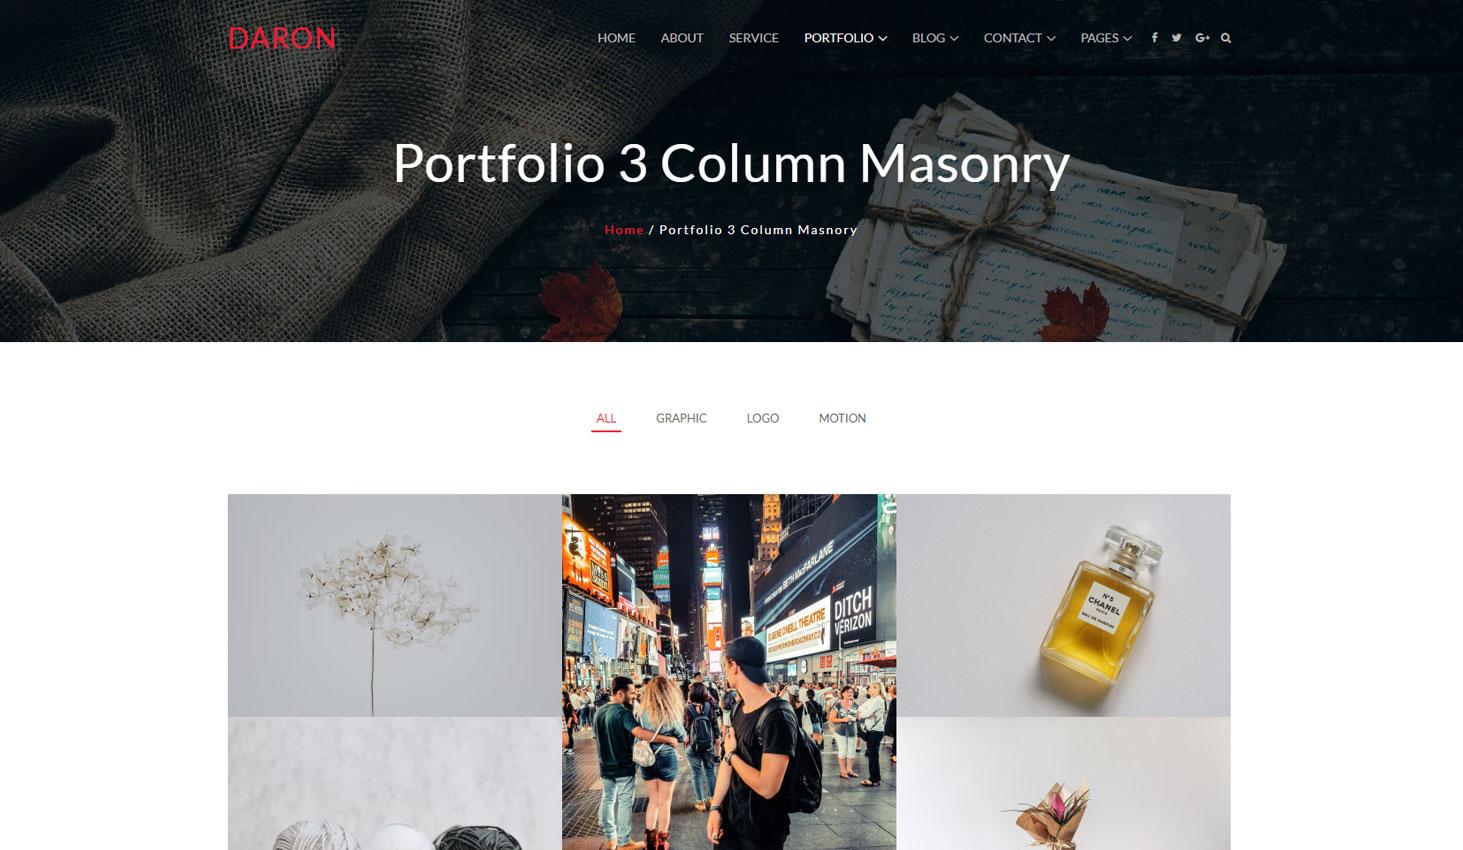 Daron premium wordpress theme portfolio three column masonry